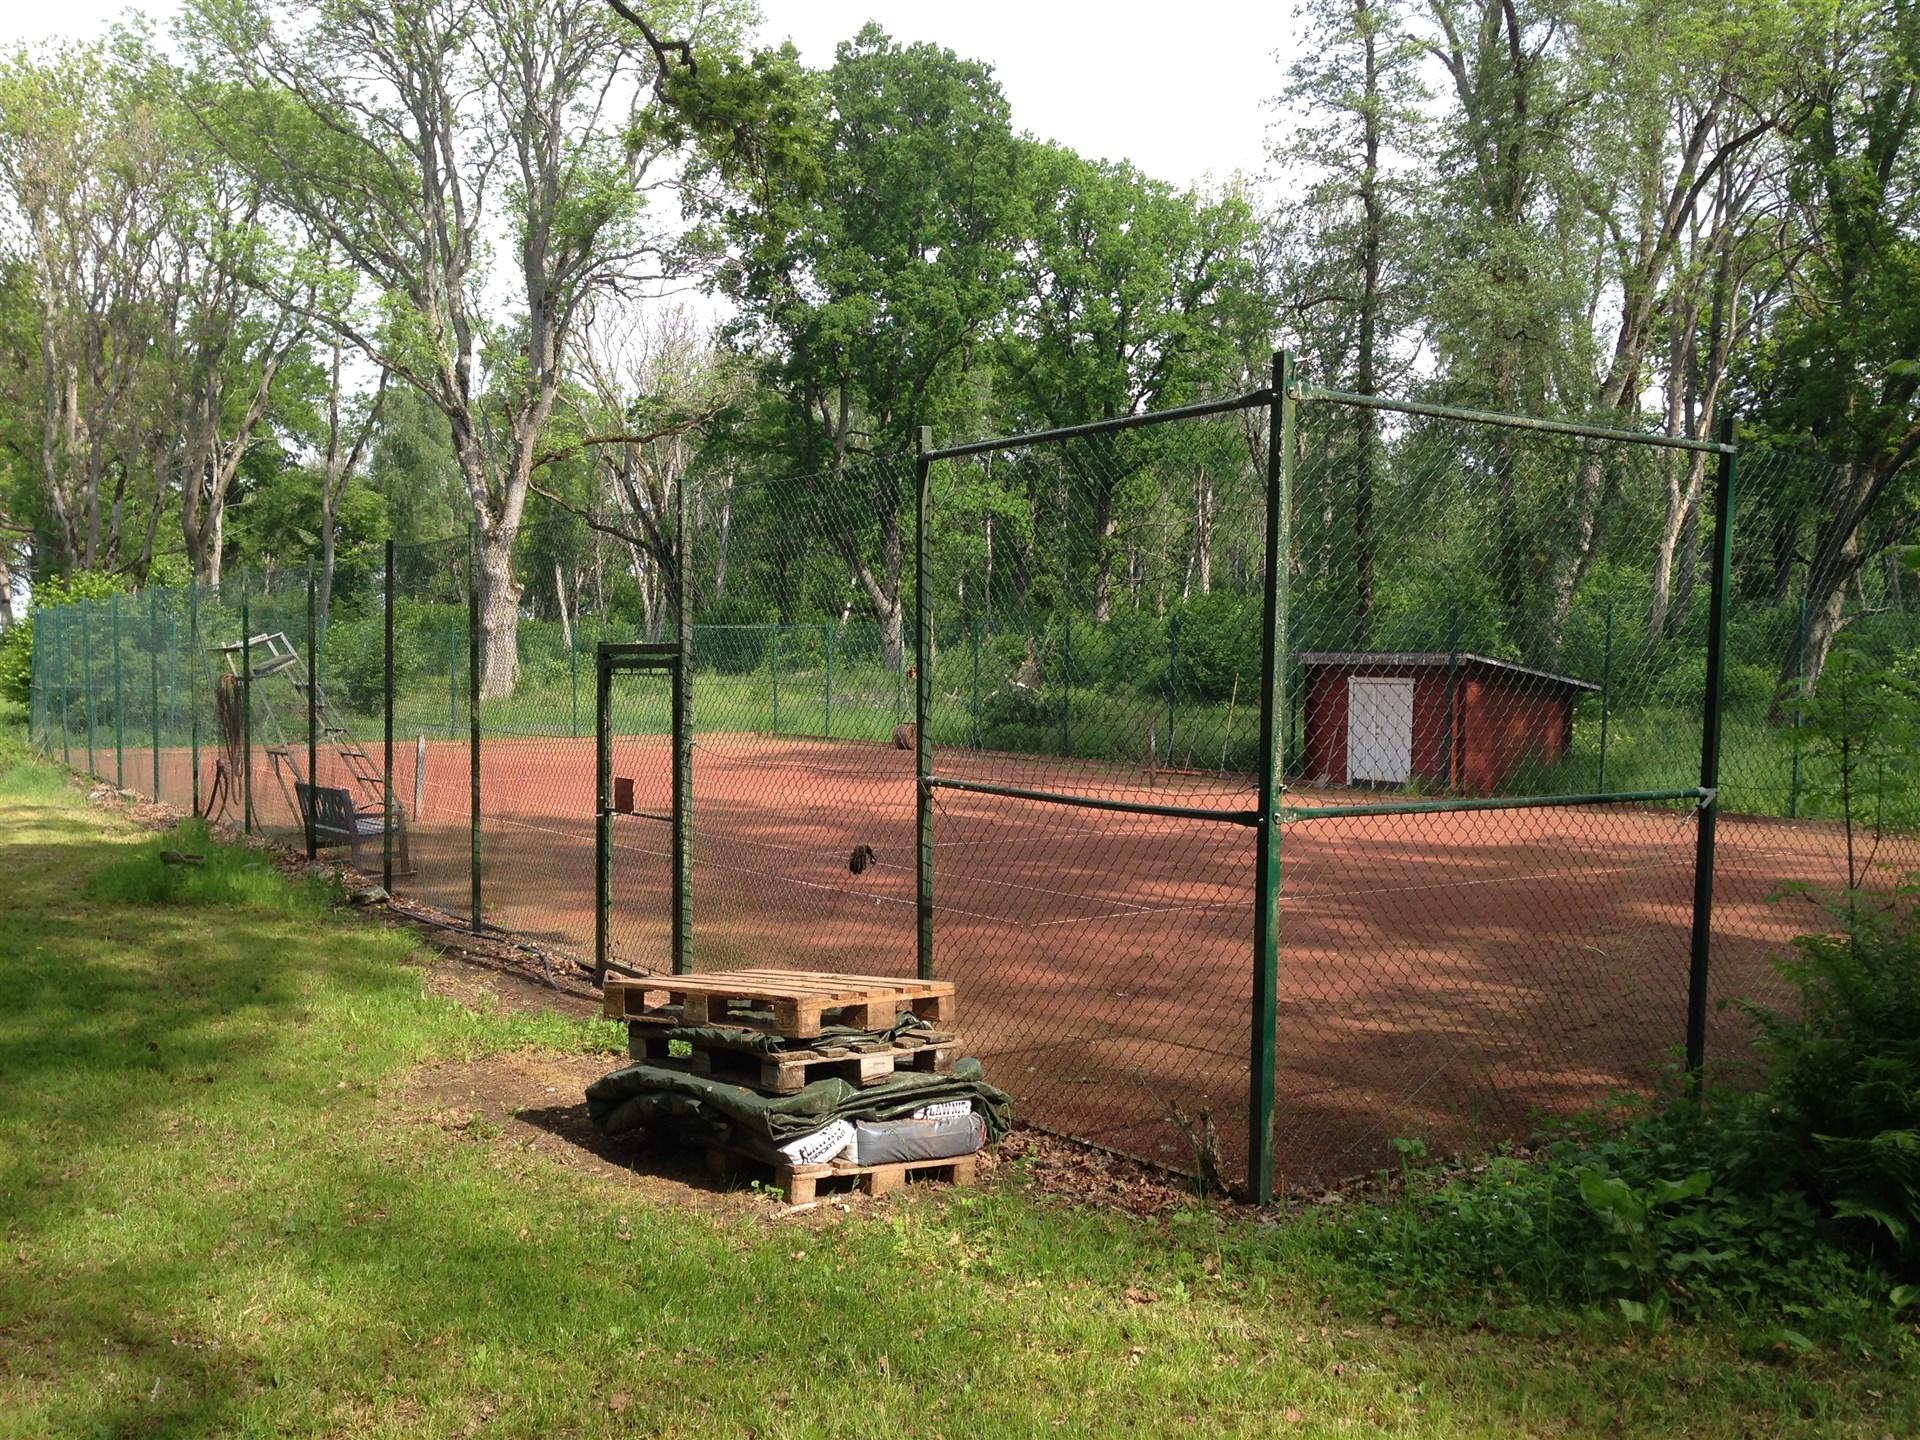 Tennisbanan